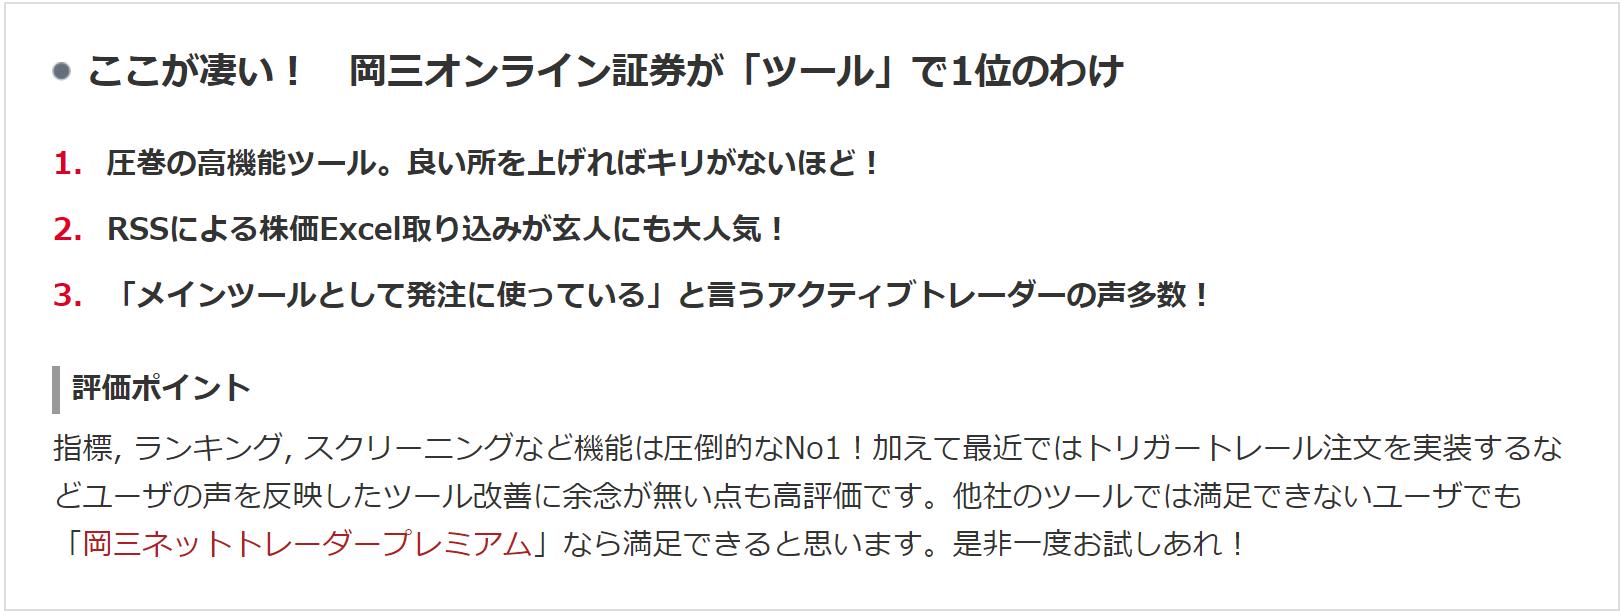 岡三オンライン証券-株式トレードツール